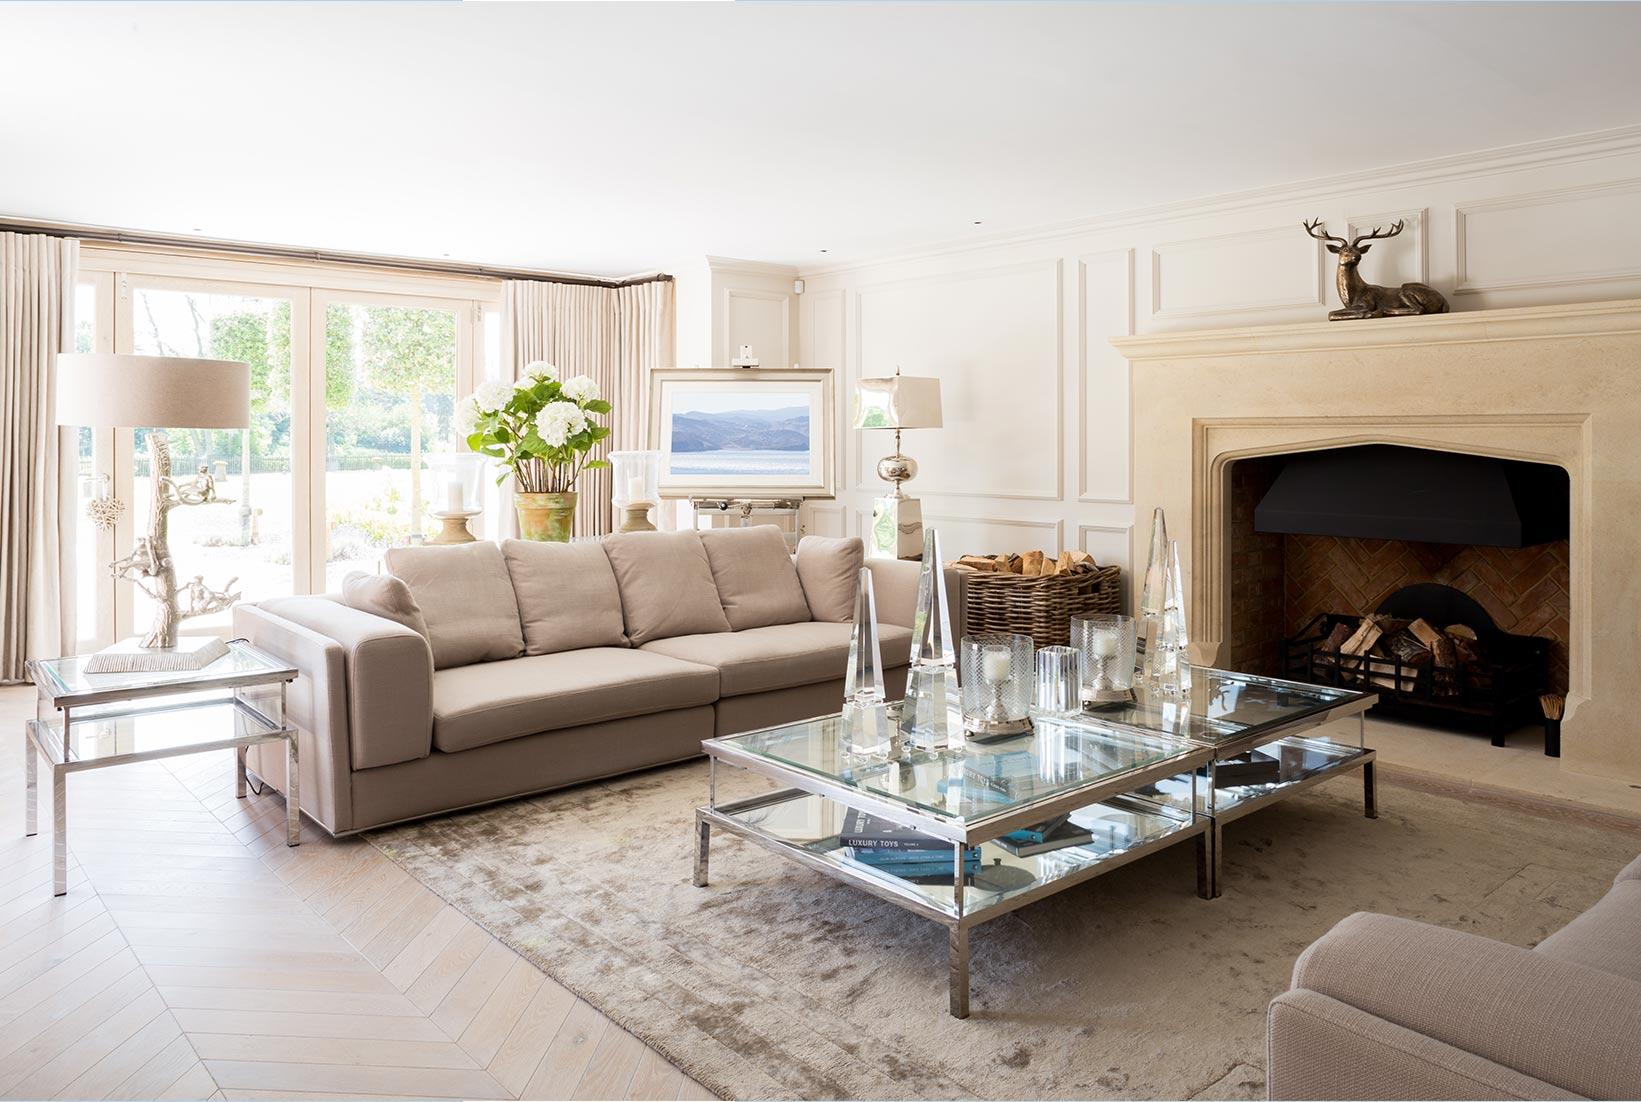 Living room residential